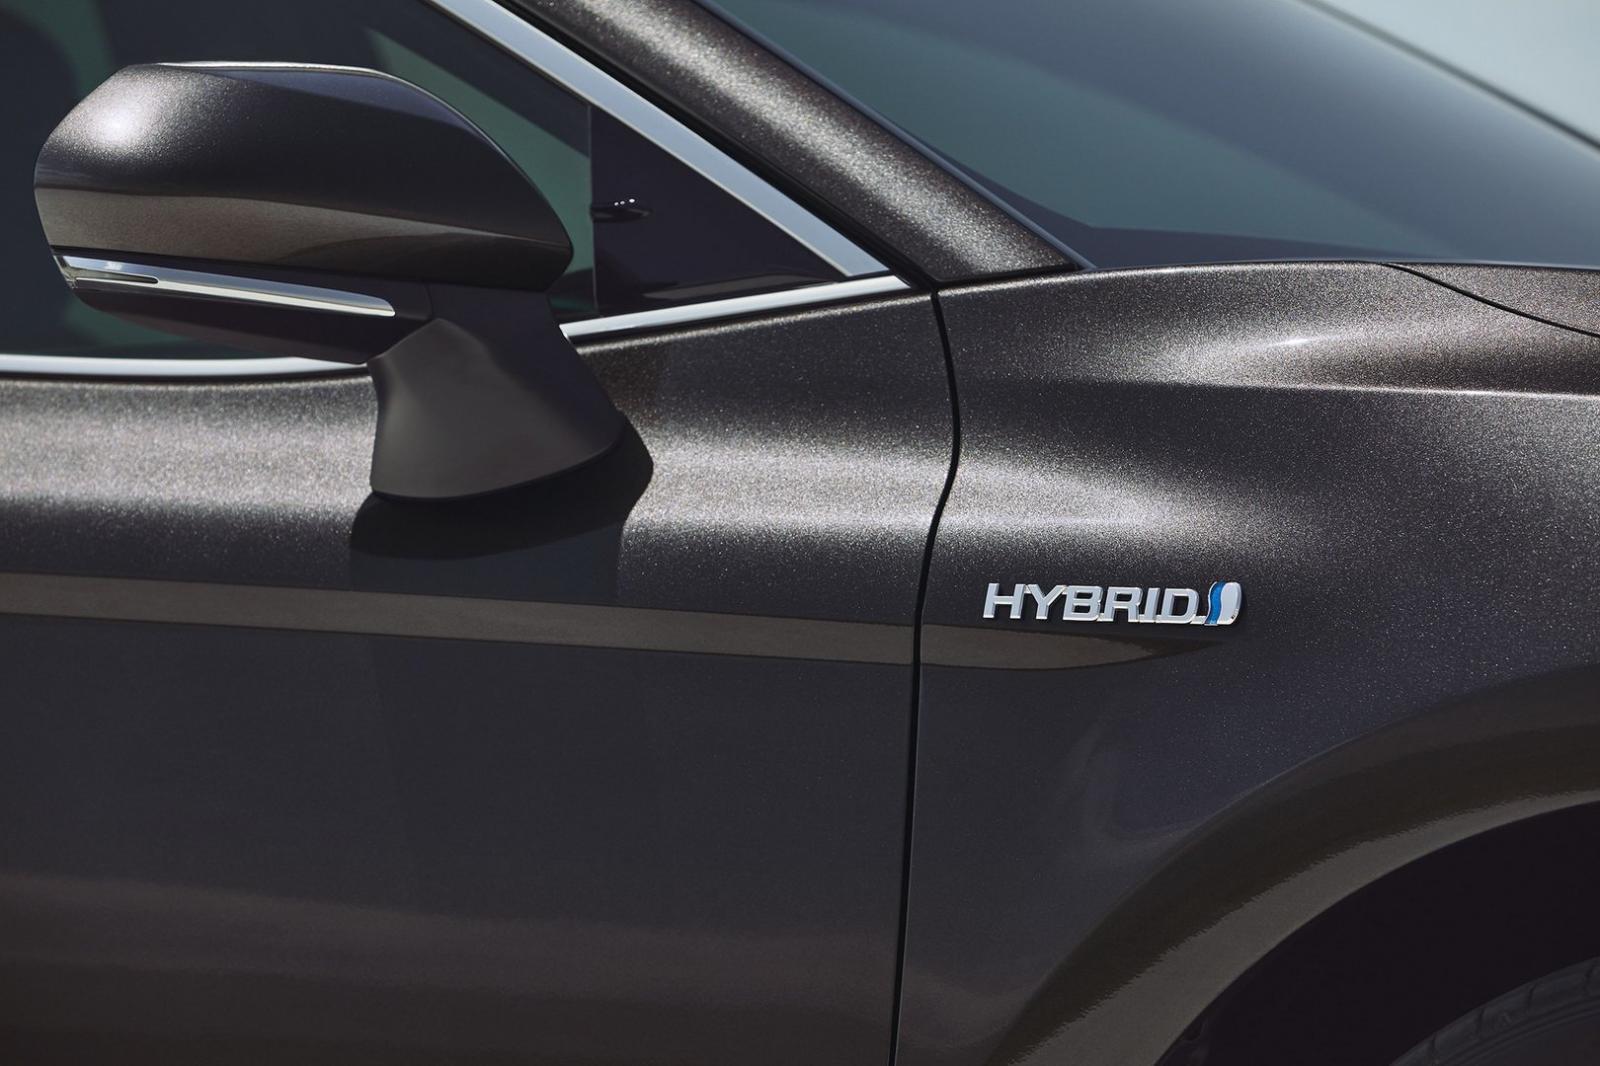 Vào tháng 4 tới, Toyota Camry 2019 sẽ ra mắt thị trường Anh - Ảnh 3.